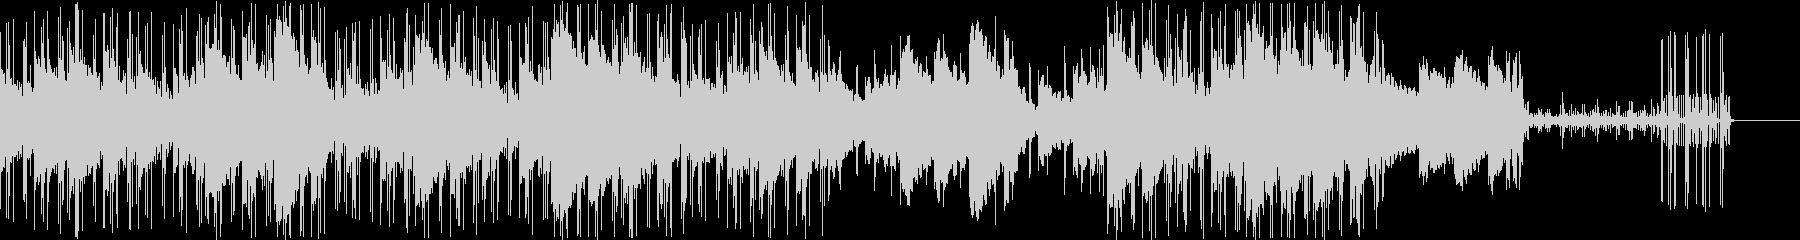 オーディオドラマ向けBGM/サスペンス7の未再生の波形